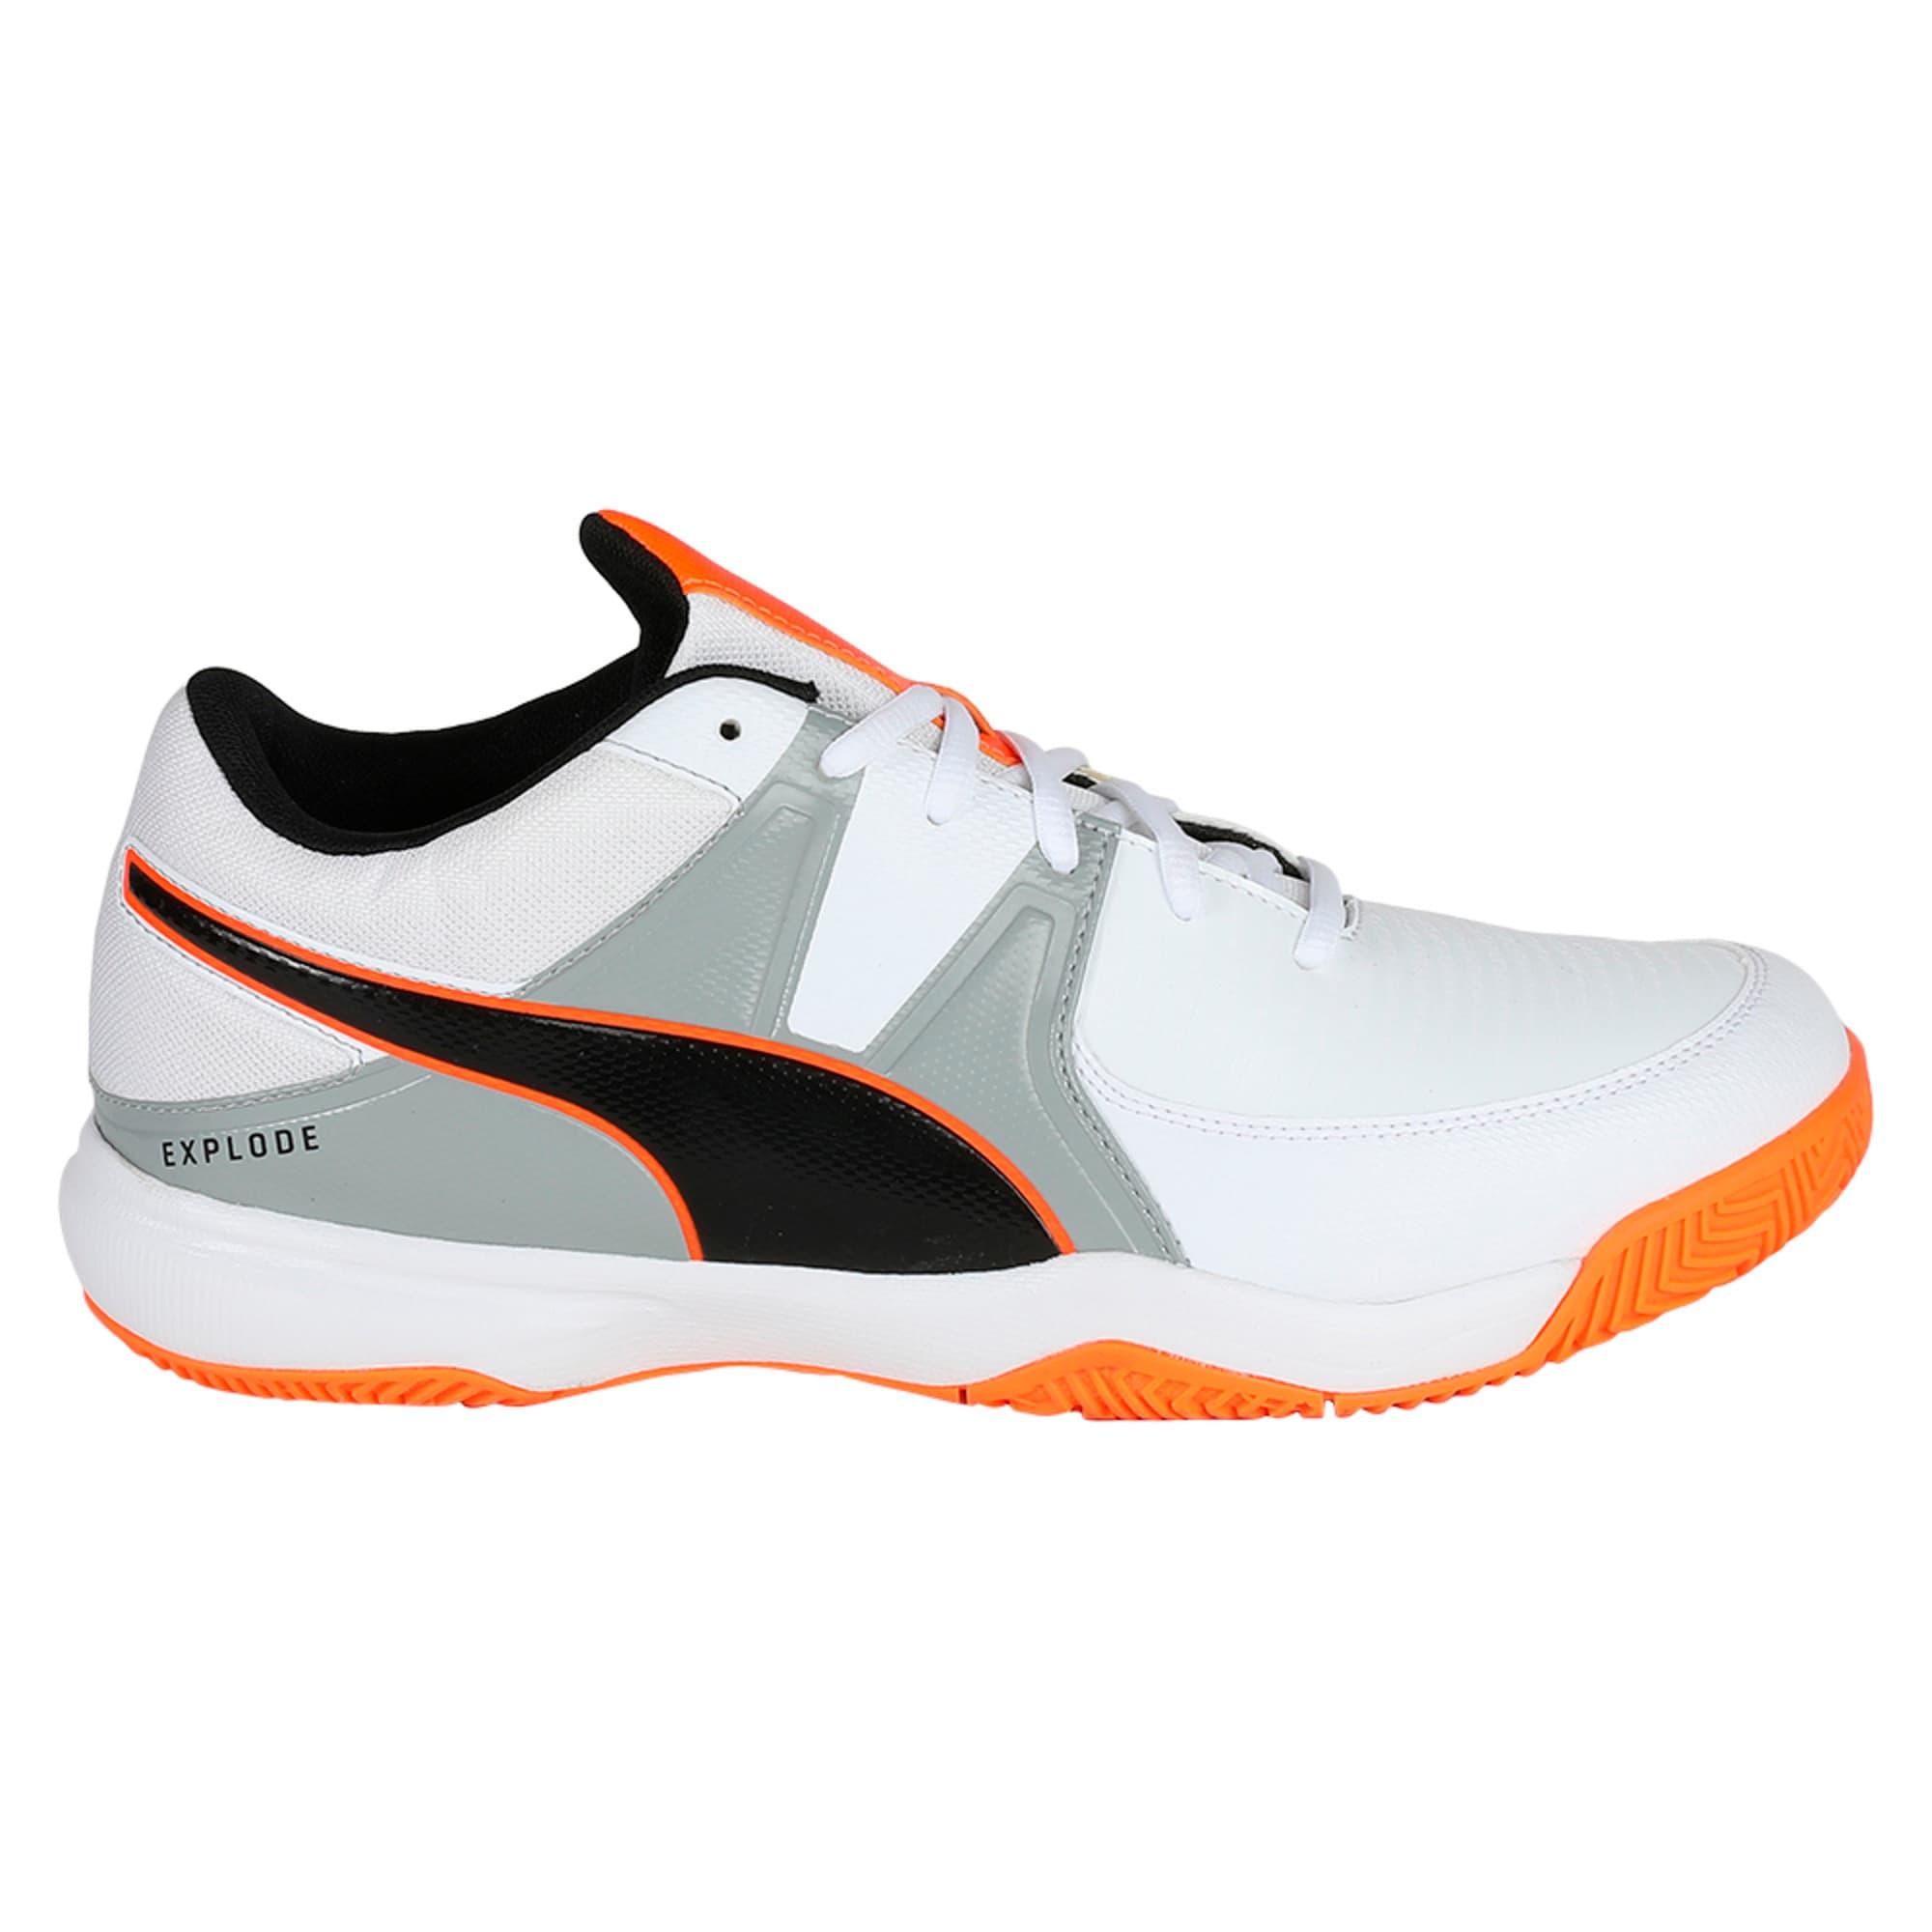 Thumbnail 4 of Explode 3 Men's Indoor Training Shoes, White-Quarry-Orange, medium-IND